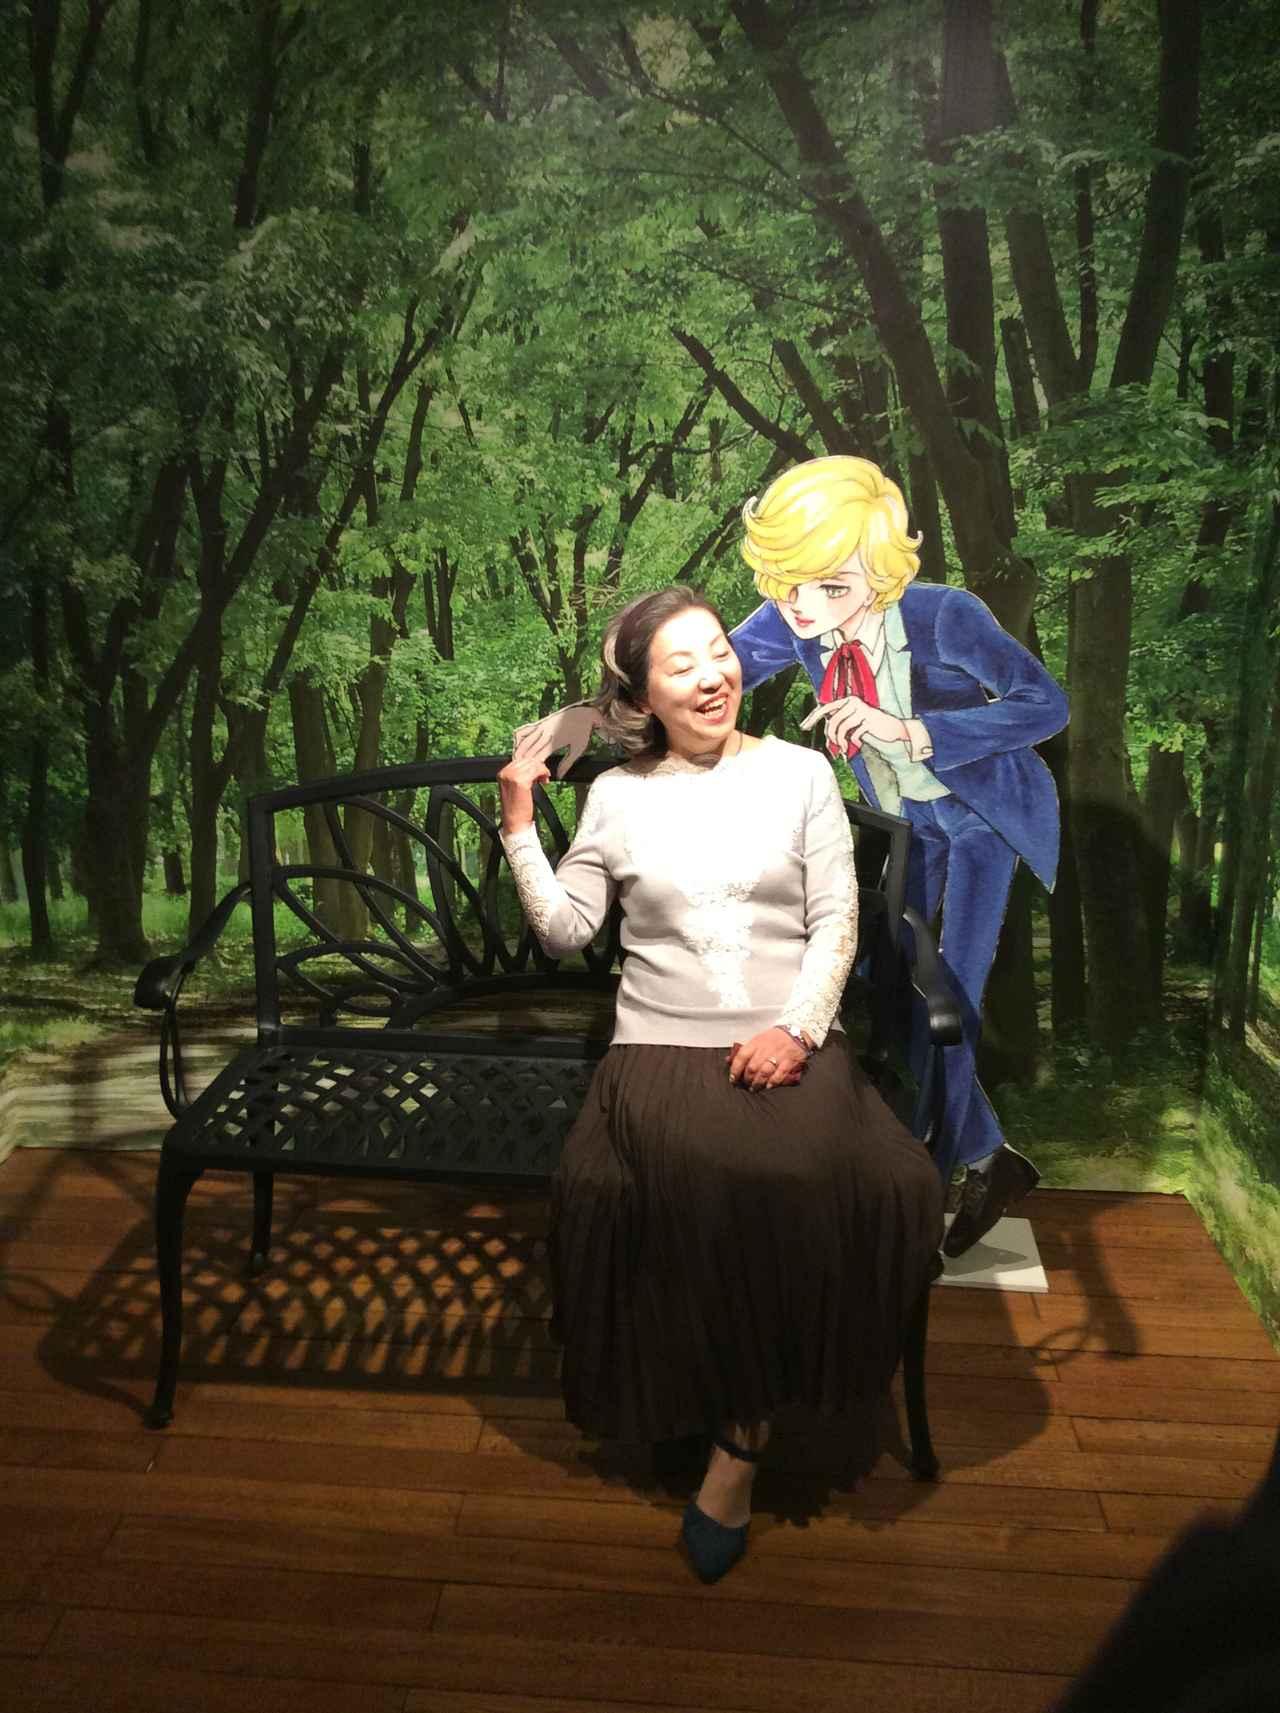 画像: 『ジルベールベンチ』with 竹宮惠子 竹宮惠子 カレイドスコープ 50th Anniversary 京都国際マンガミュージアム会場 photo©︎cinefil